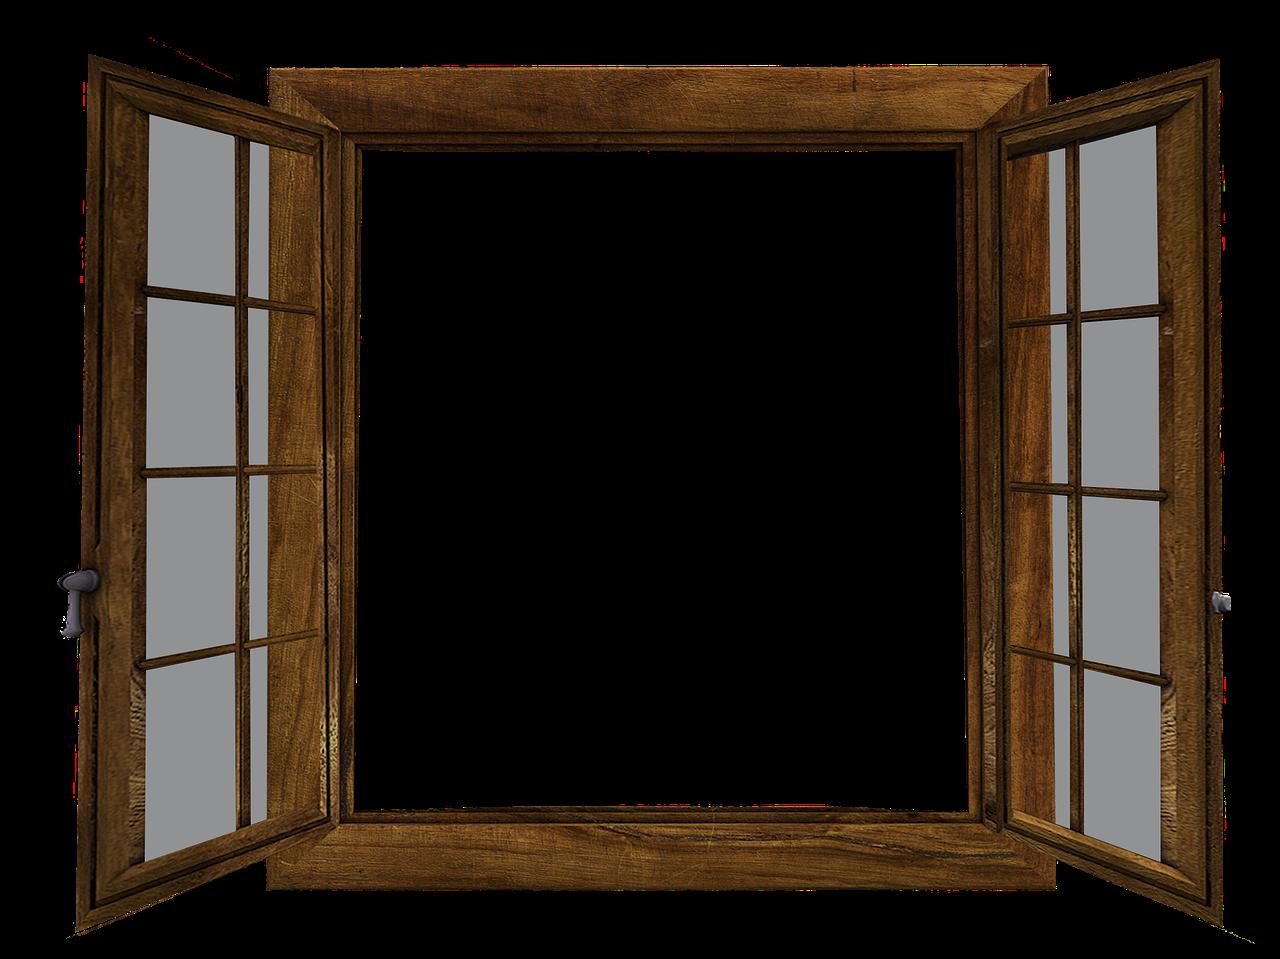 Full Size of Folie Einbruchschutz Fenster Kaufen Sicherheitsbeschlge Beim So Verbessern Sie Den Sichtschutzfolie Klebefolie Für Sicherheitsfolie Test Mit Eingebauten Fenster Einbruchschutz Fenster Folie